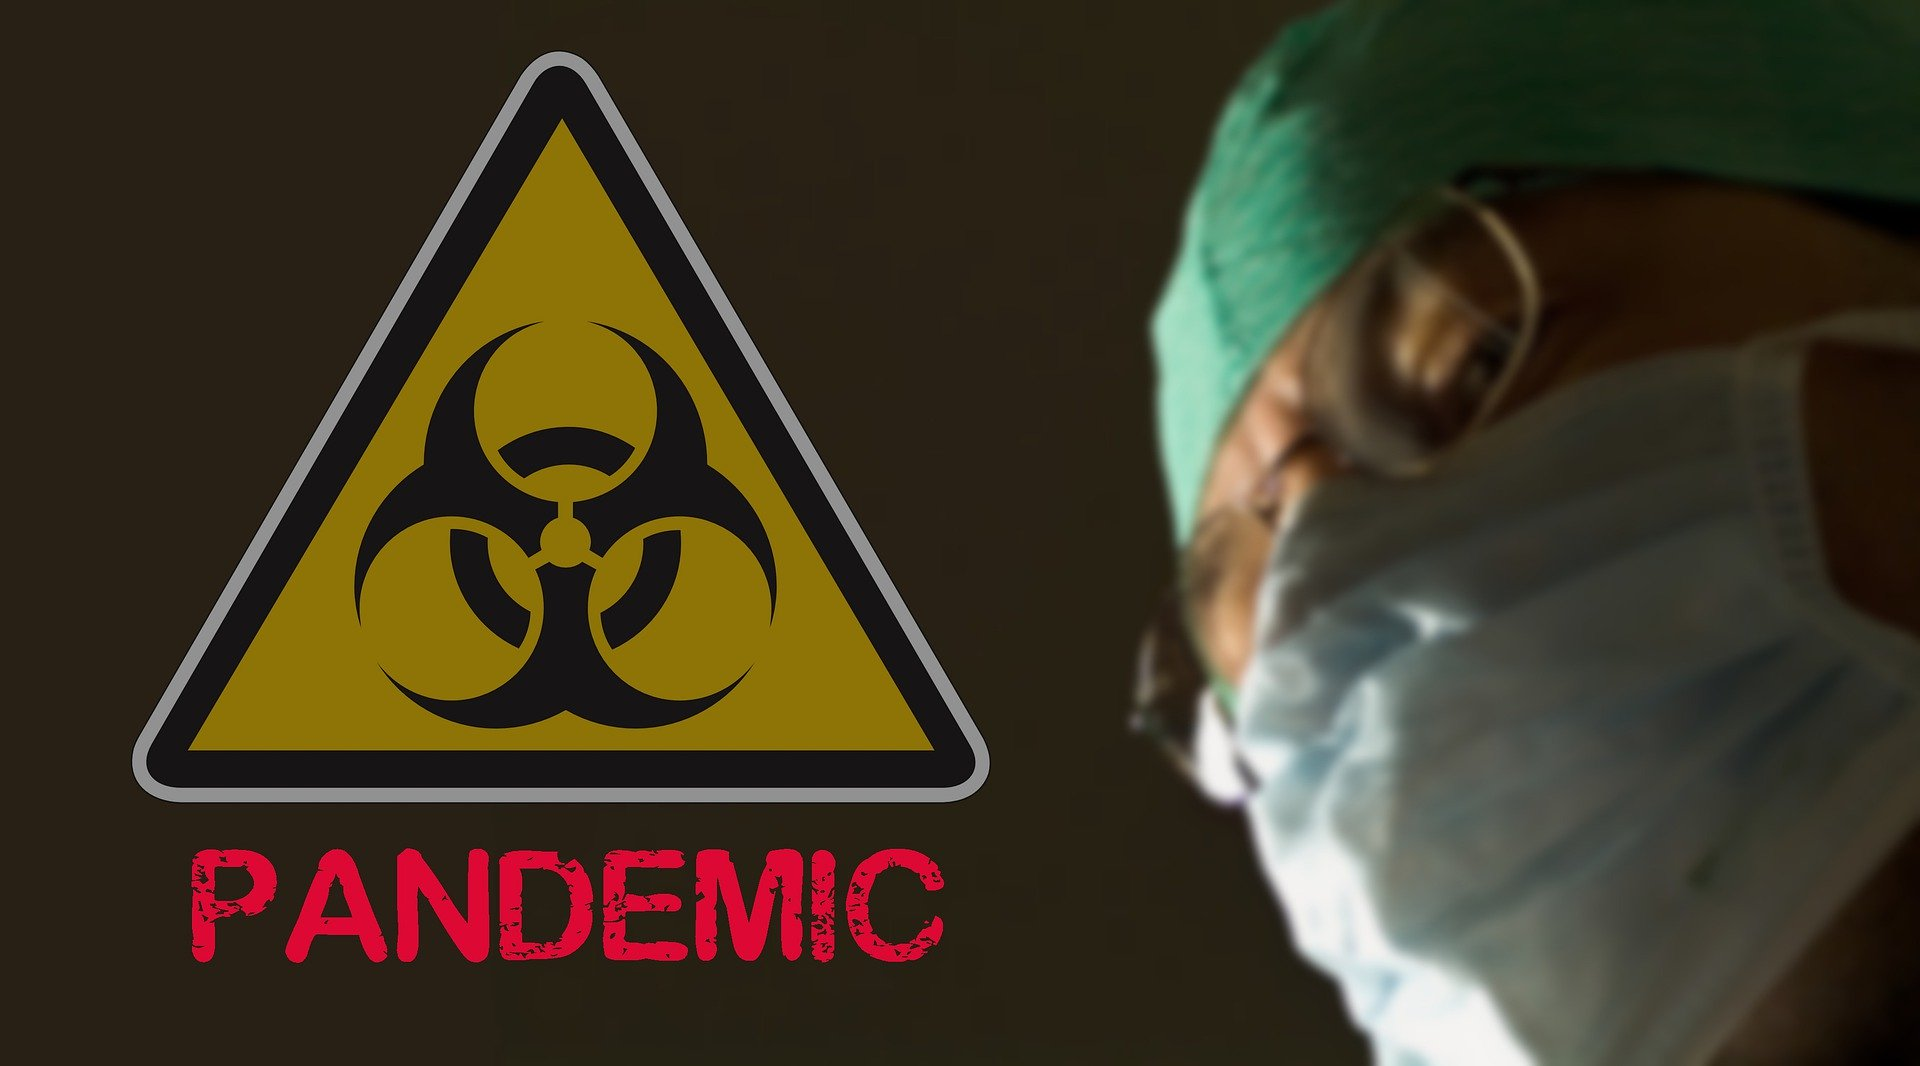 Coronavirus pandemic graphic